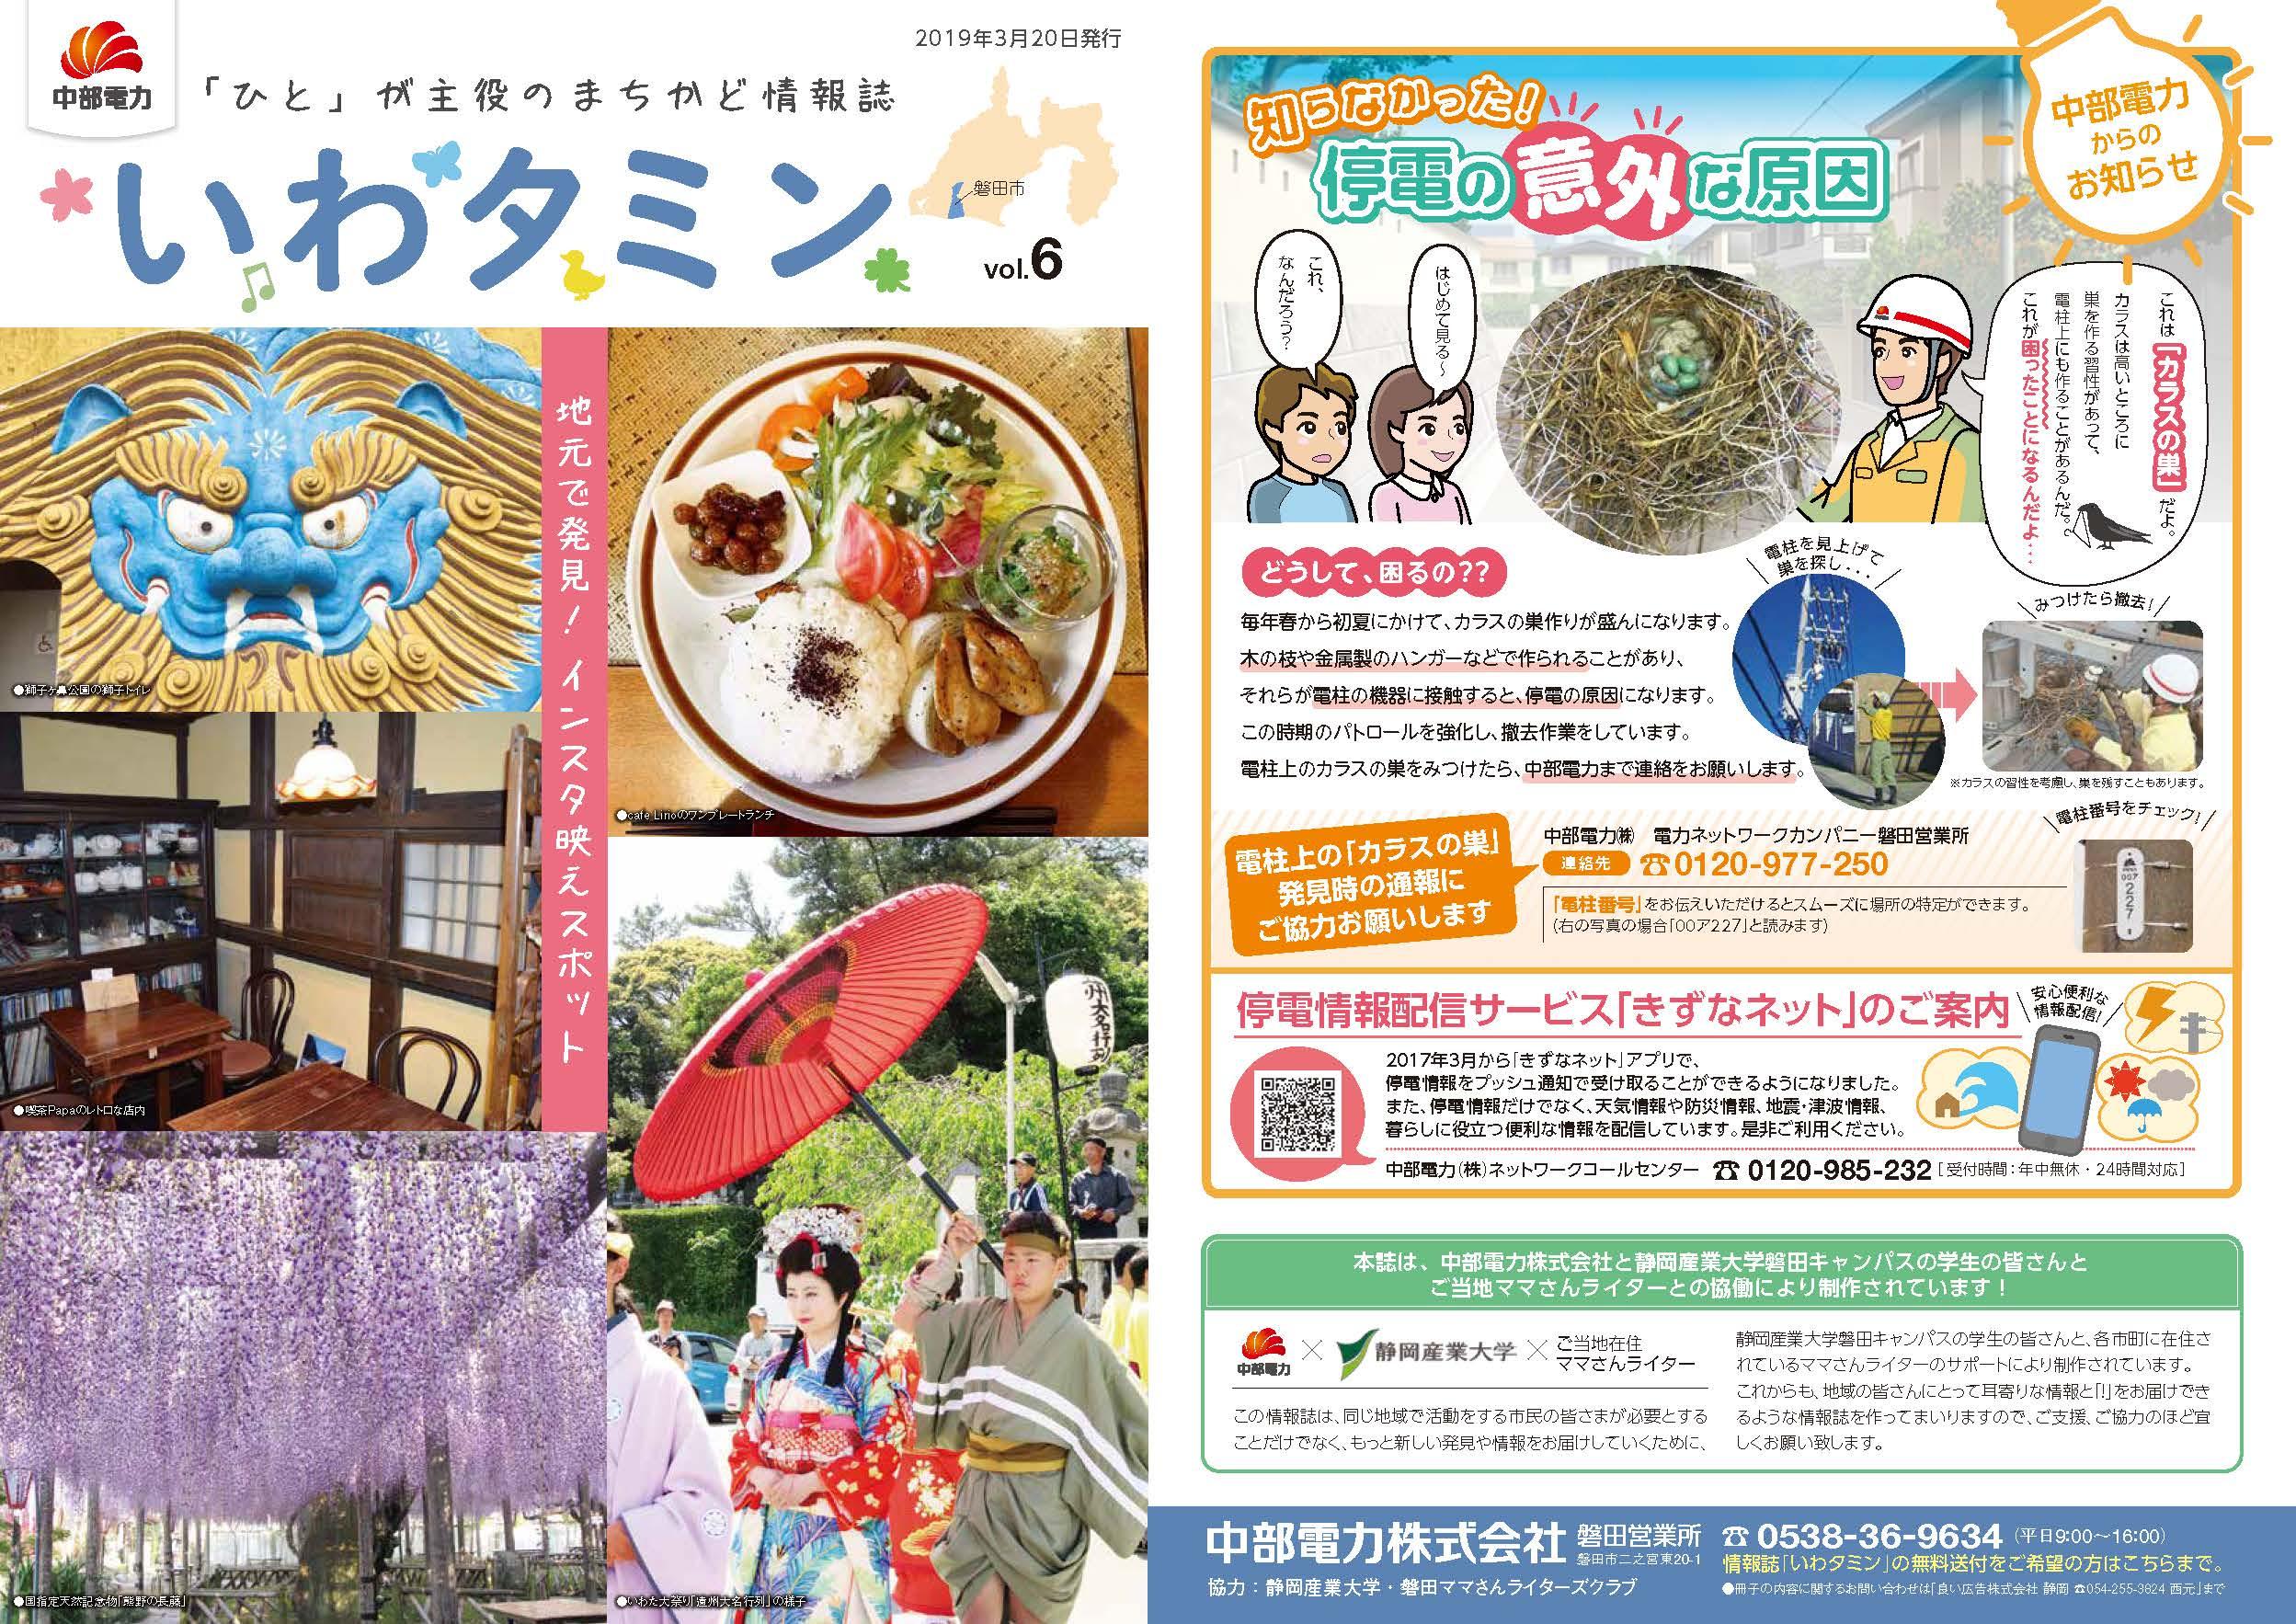 cyubu-den-iwata-small-0313_1.jpg